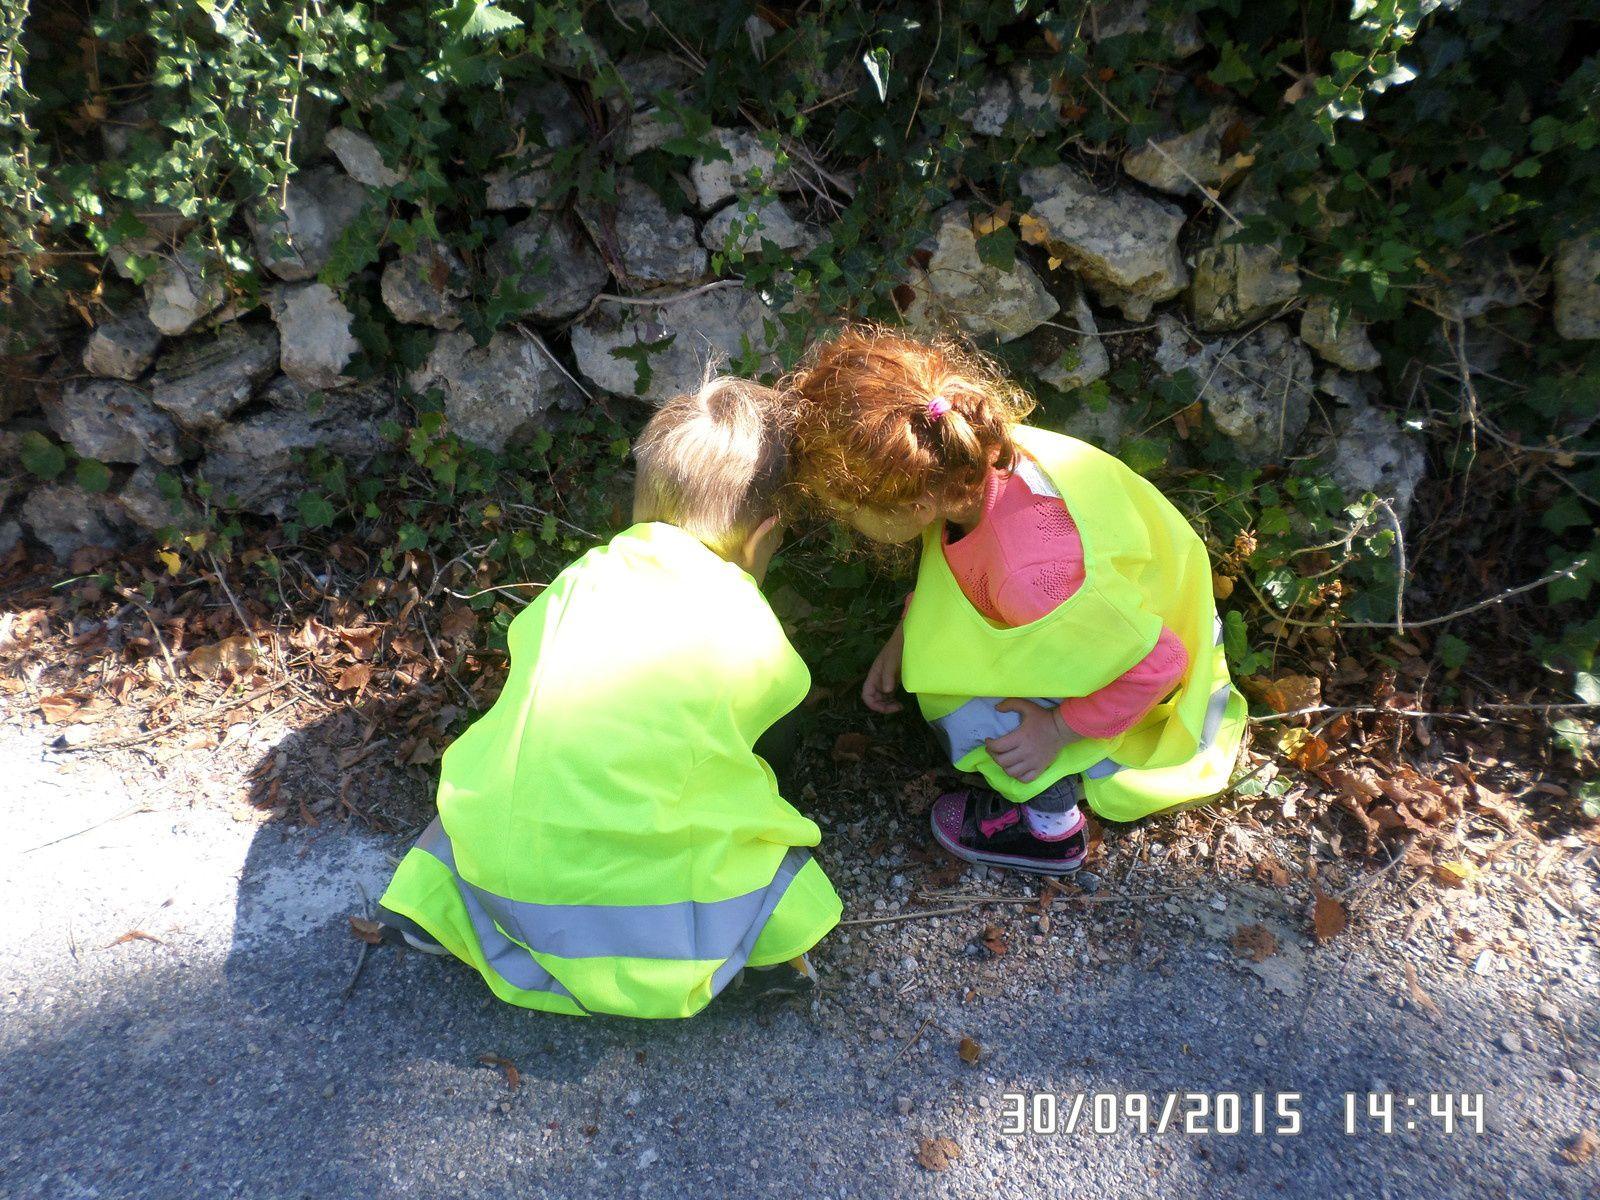 les enfants attrapent des pompiers....